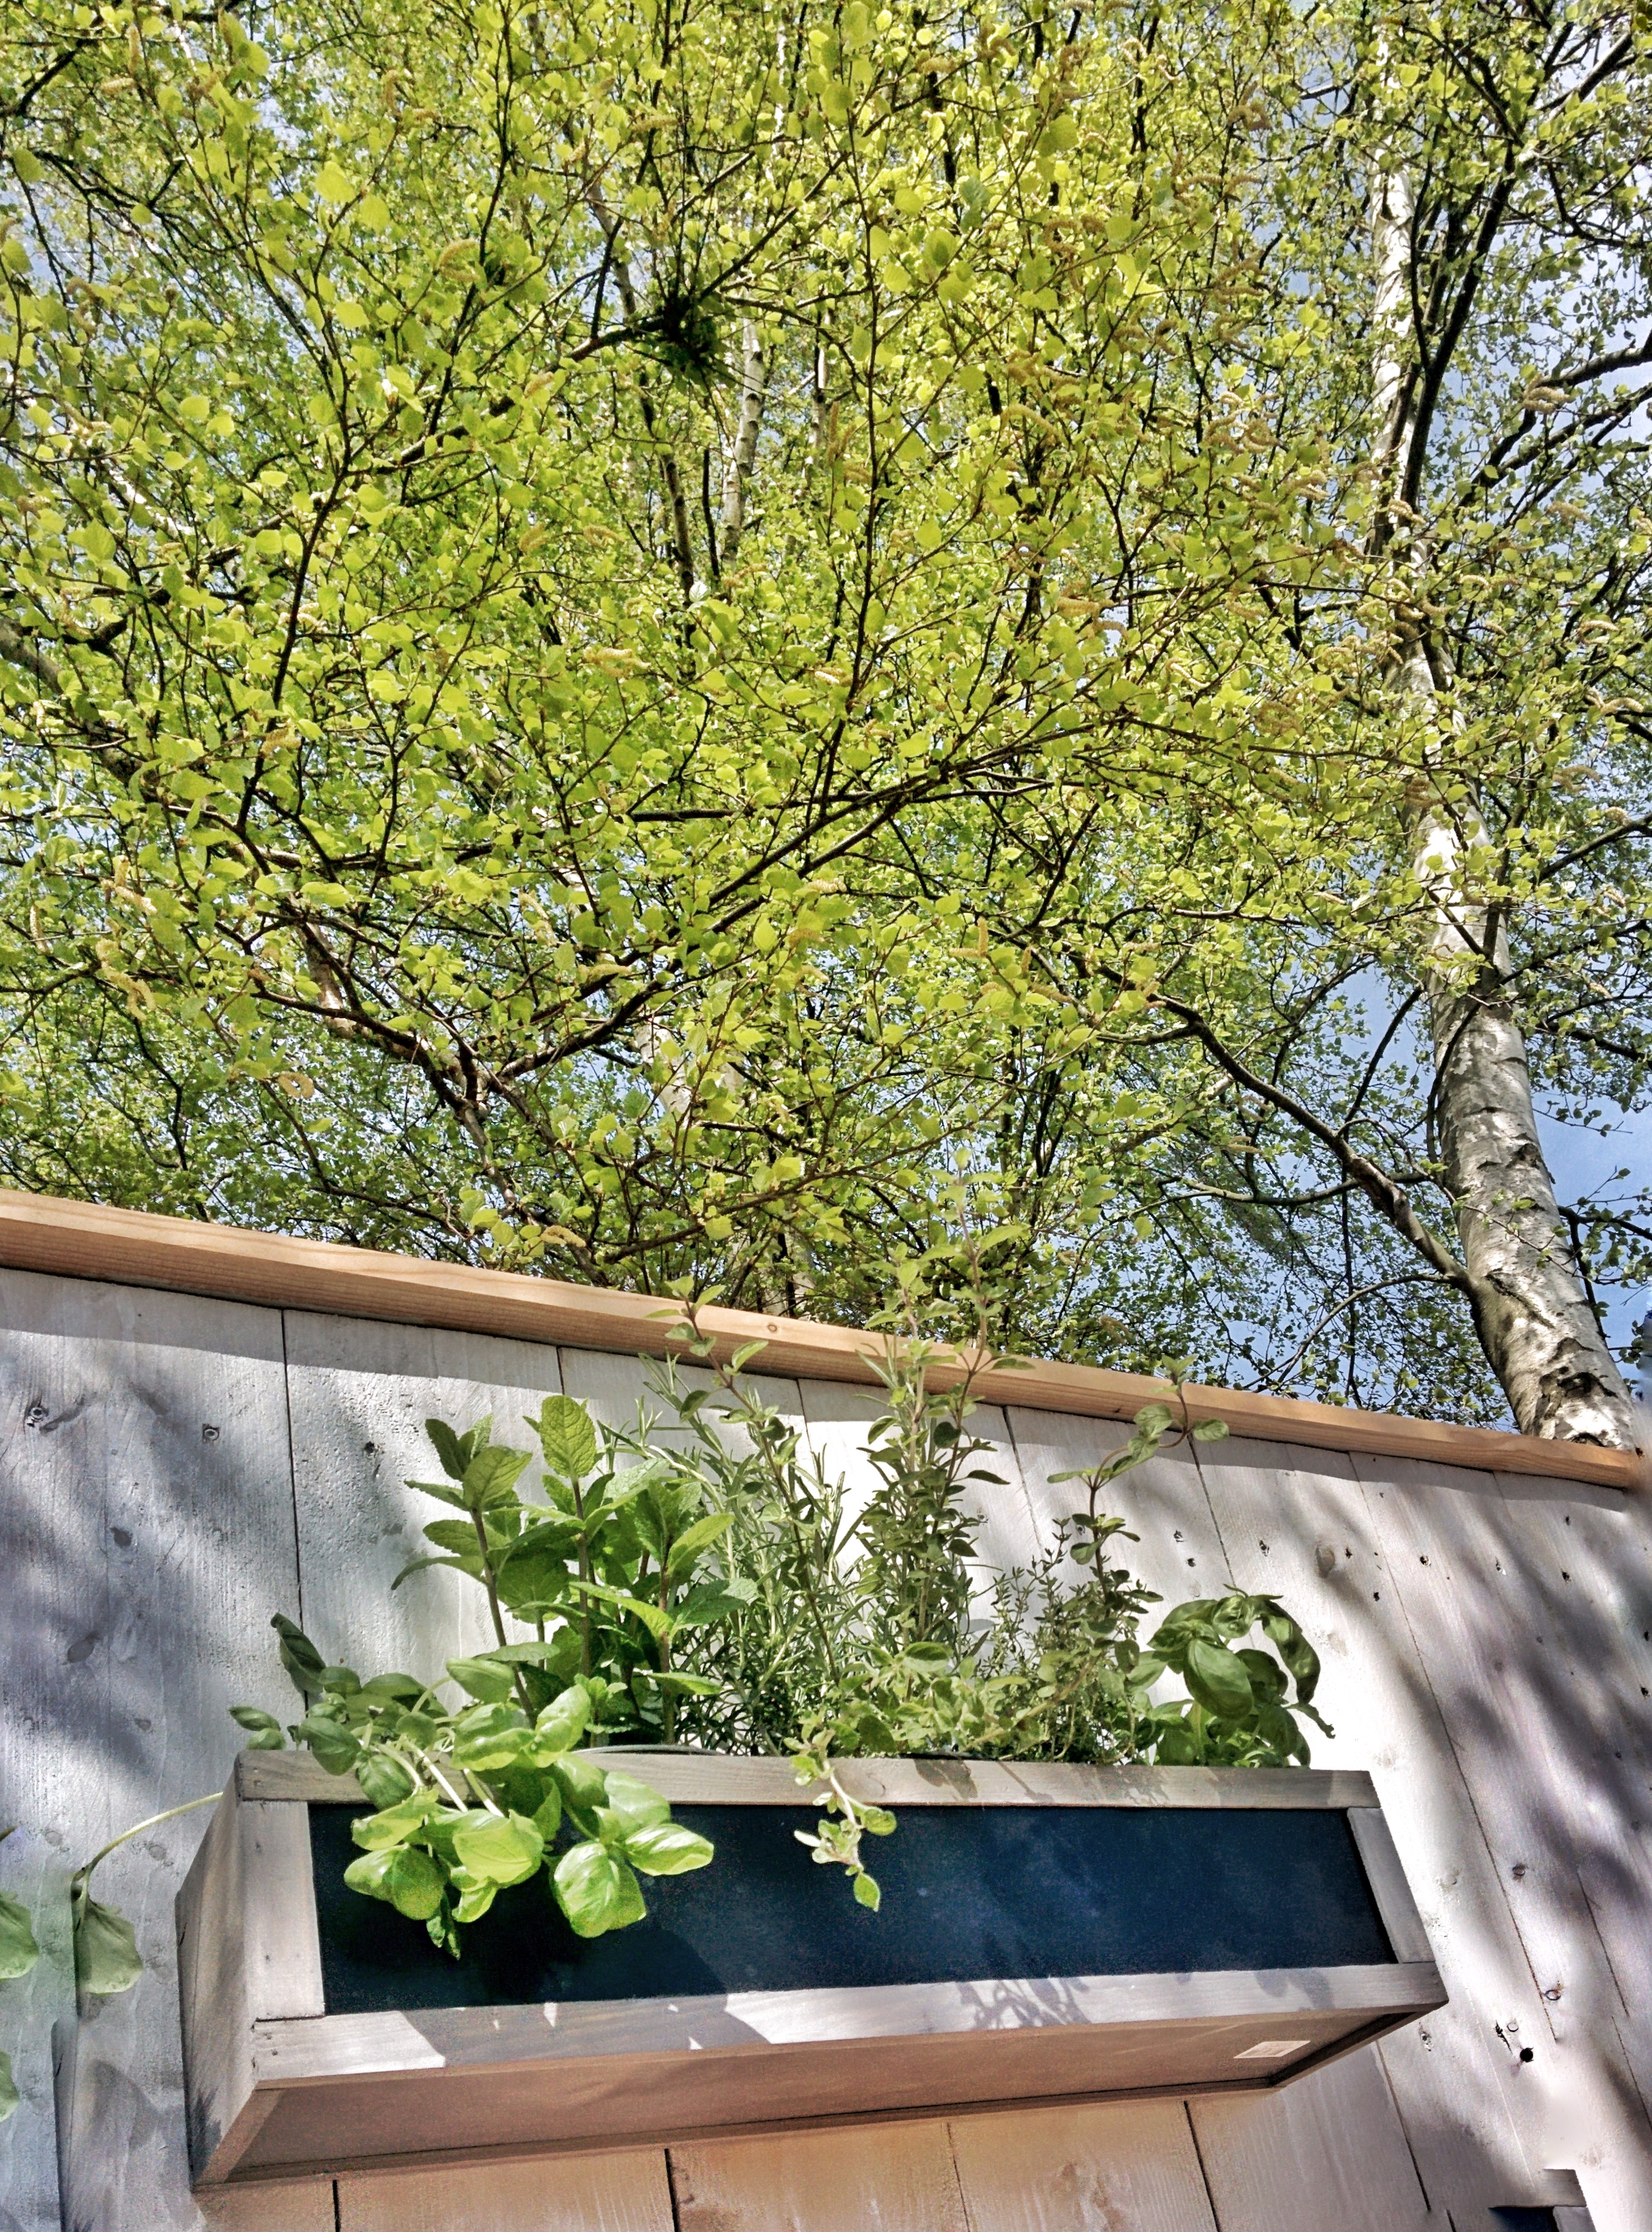 25_Kräuter-Outdoor-Küche